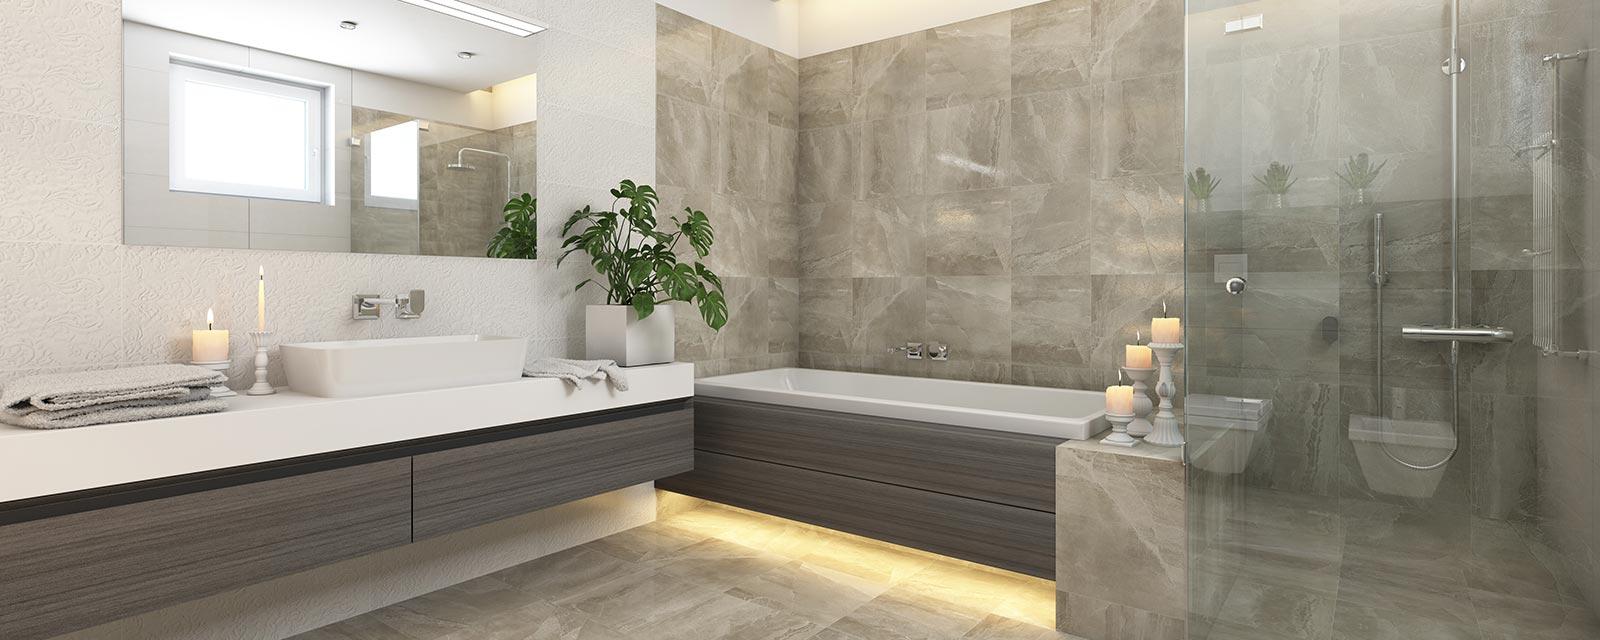 Les règles de sécurité électrique dans une salle de bains  Guide